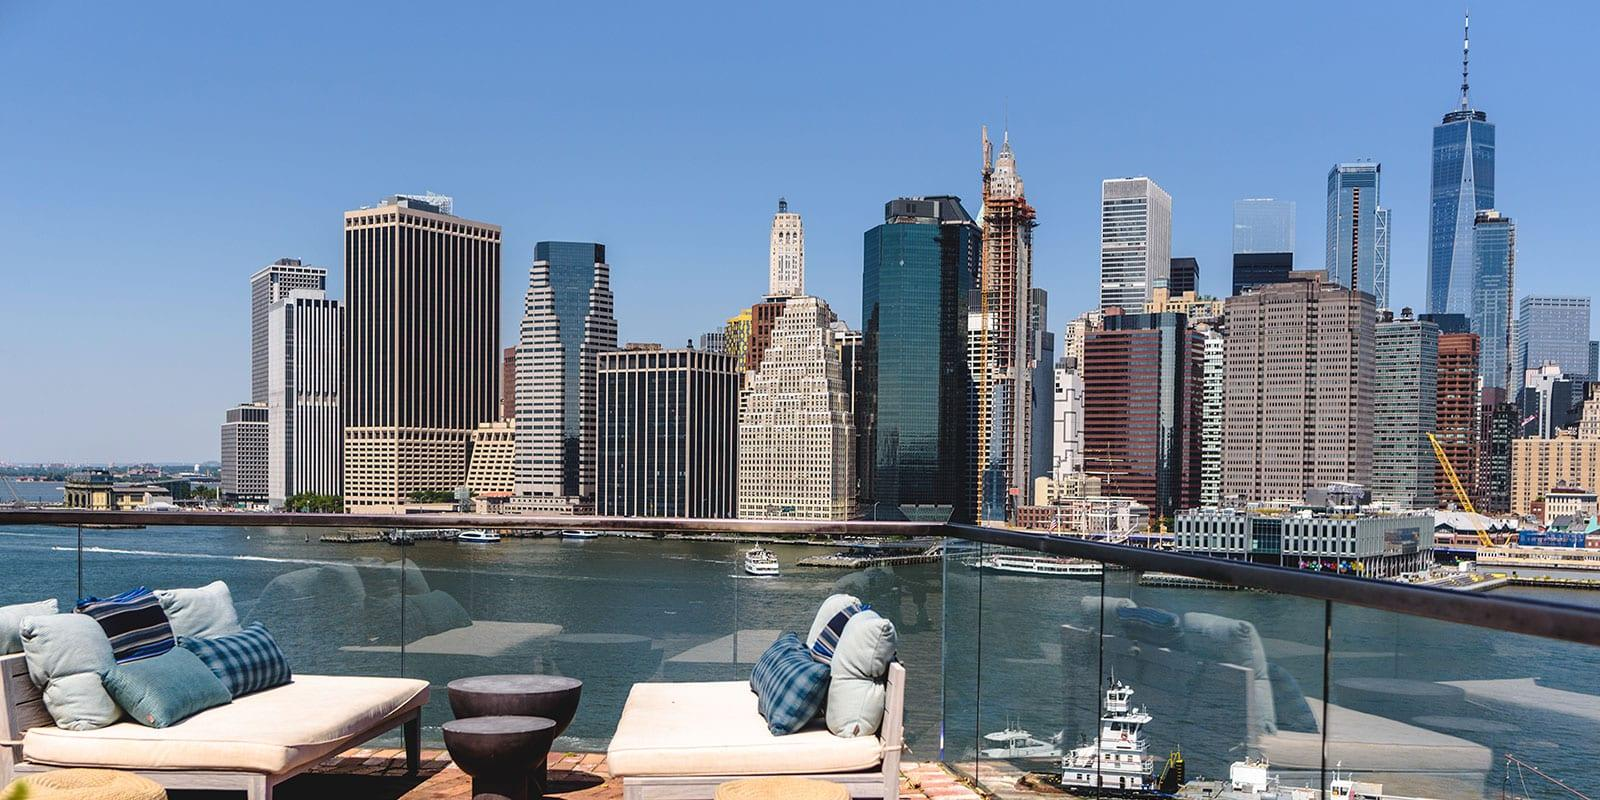 16 Traumhafte New York Hotels Mit Tollem Ausblick Viele Bilder Fur